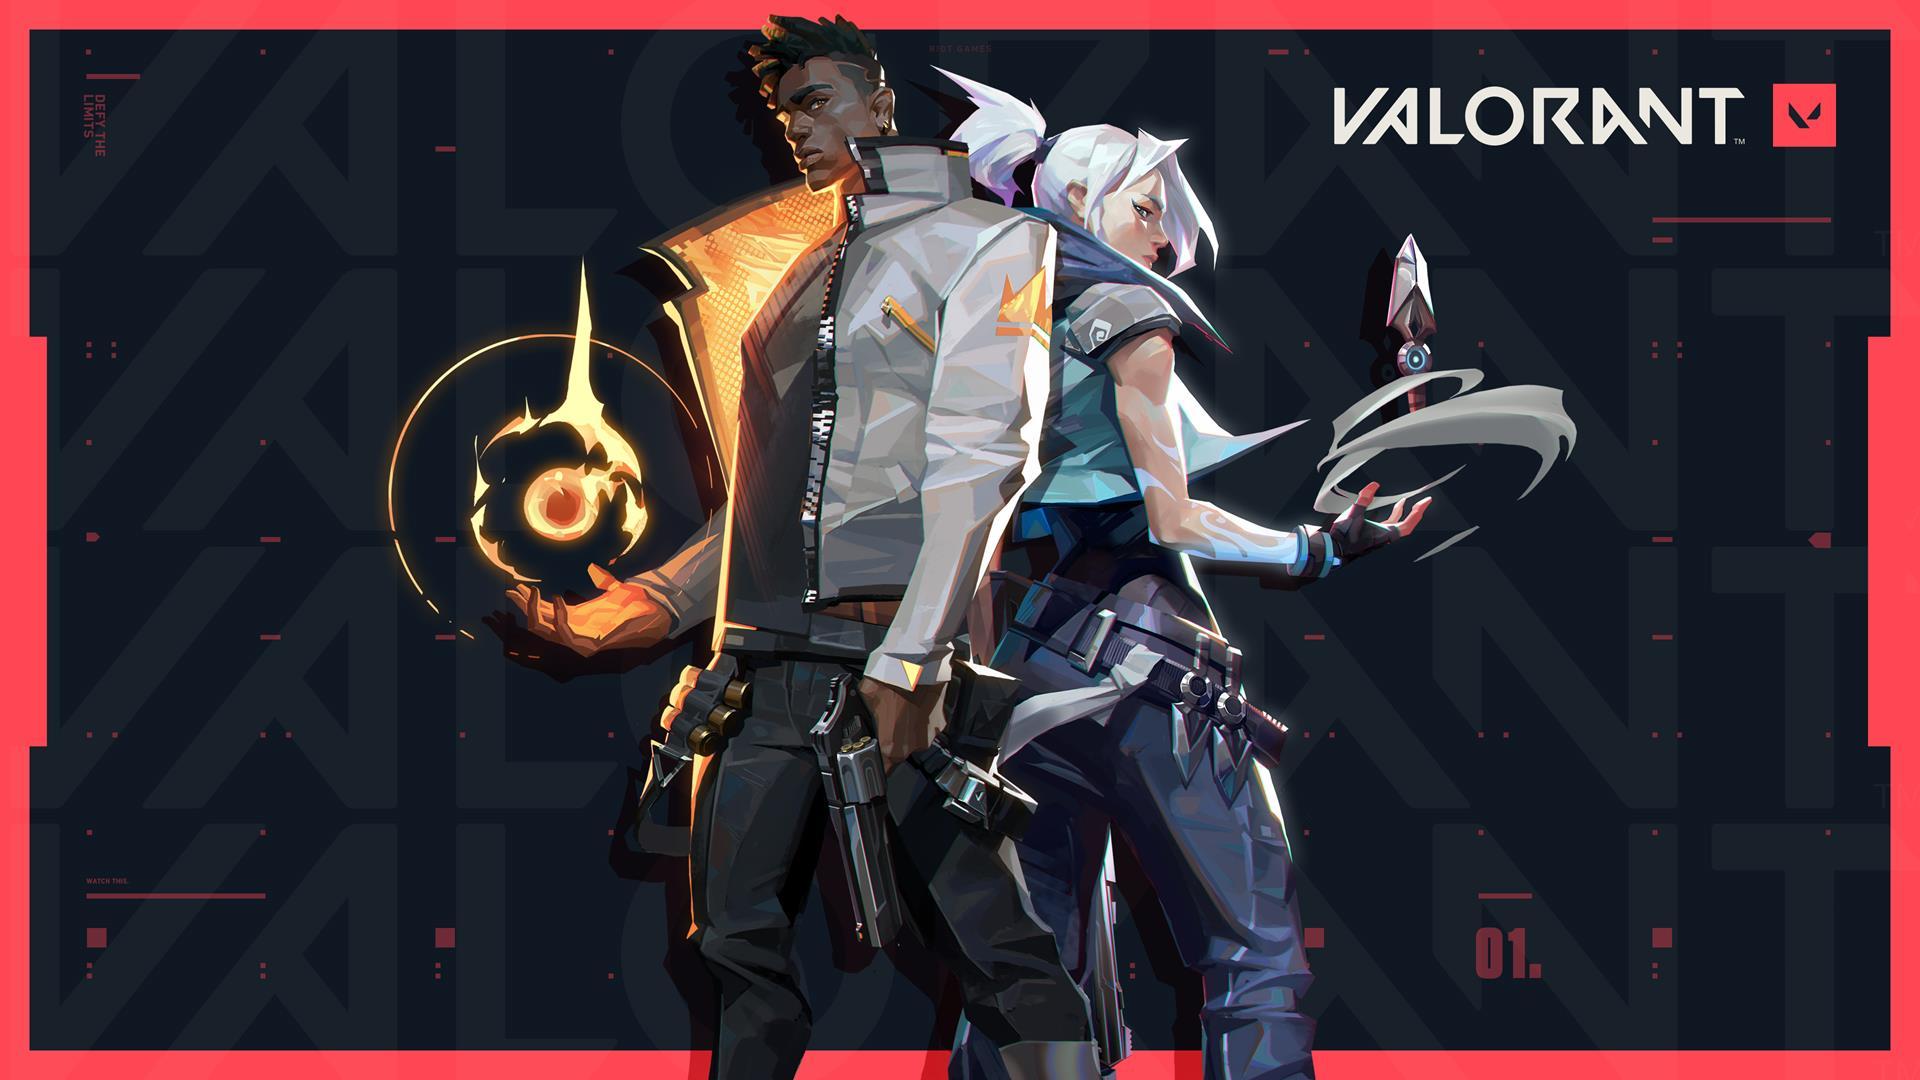 Echa un vistazo a las imágenes de juego del personaje de Valorant Phoenix en el mapa de Haven 4